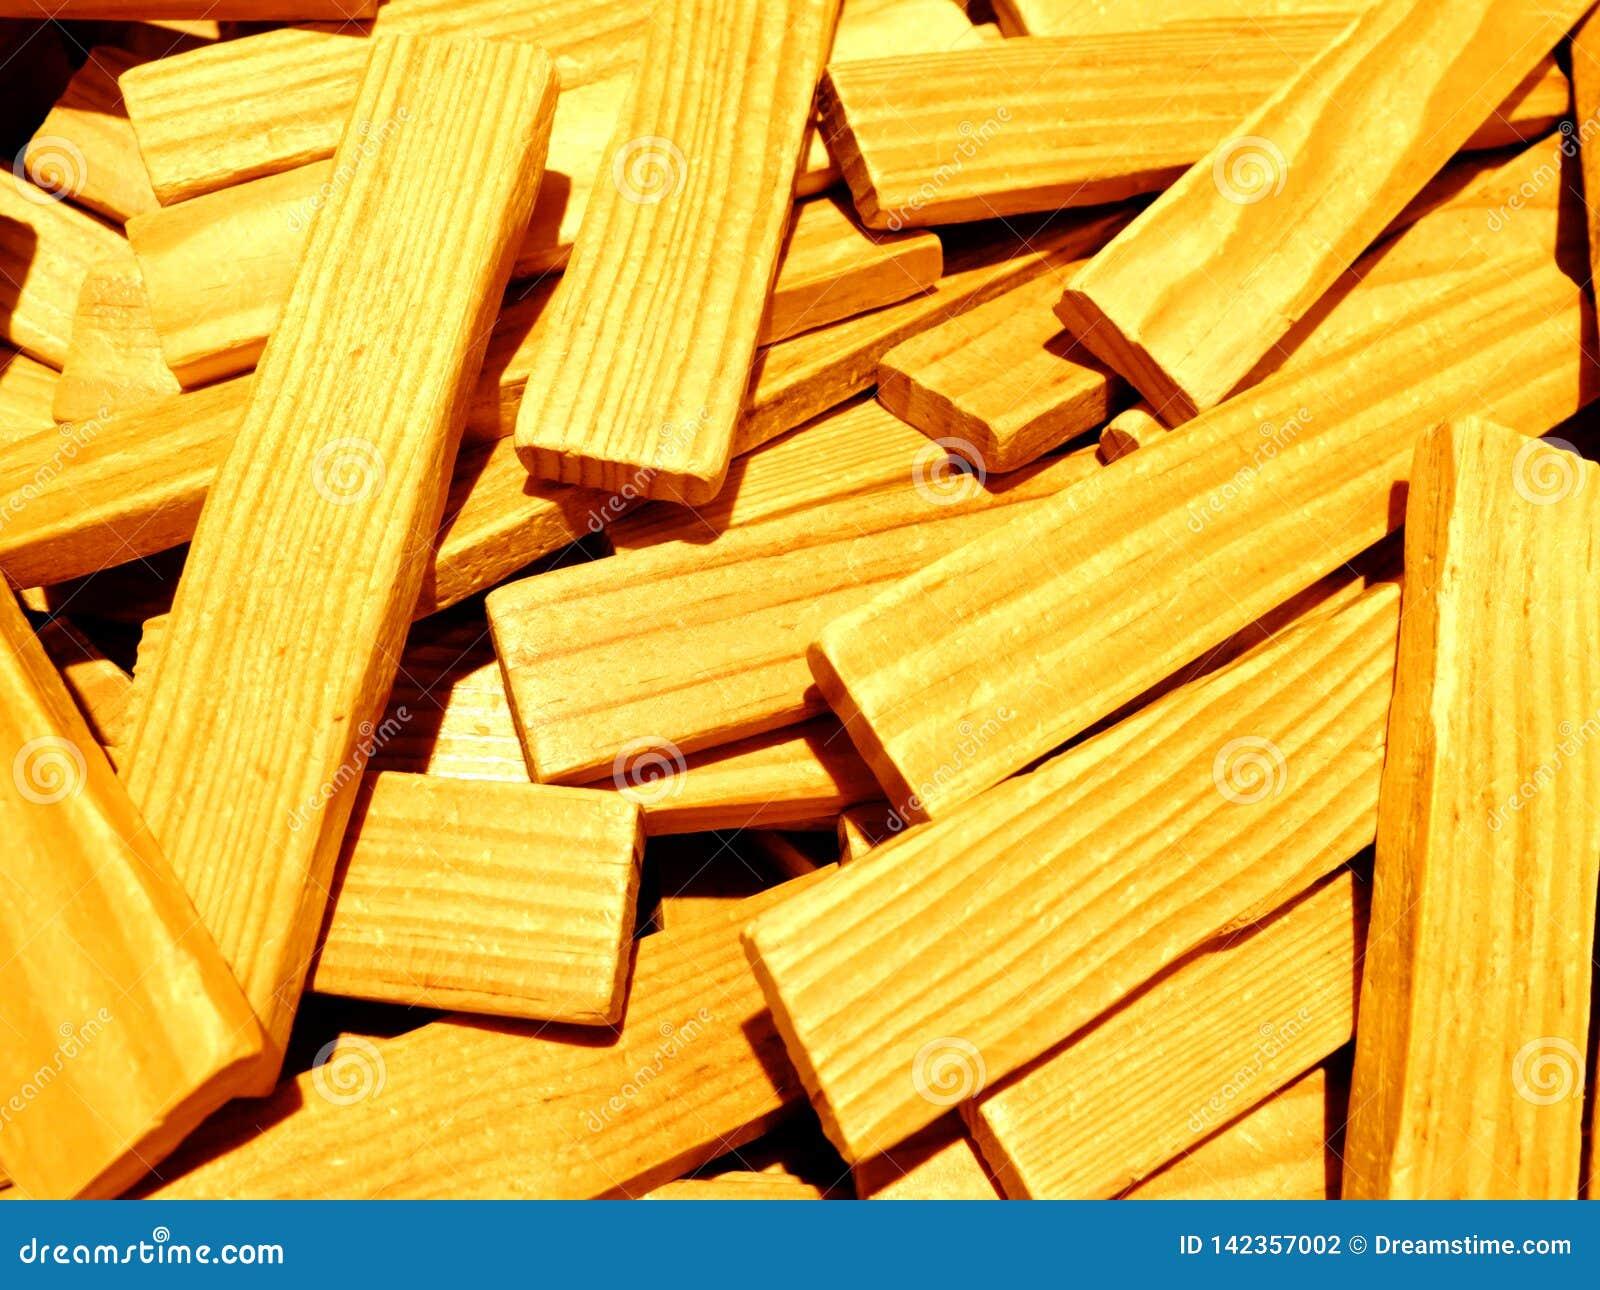 Uma pilha de varas de madeira que um re usado como um reboque para construir construções e outras construções